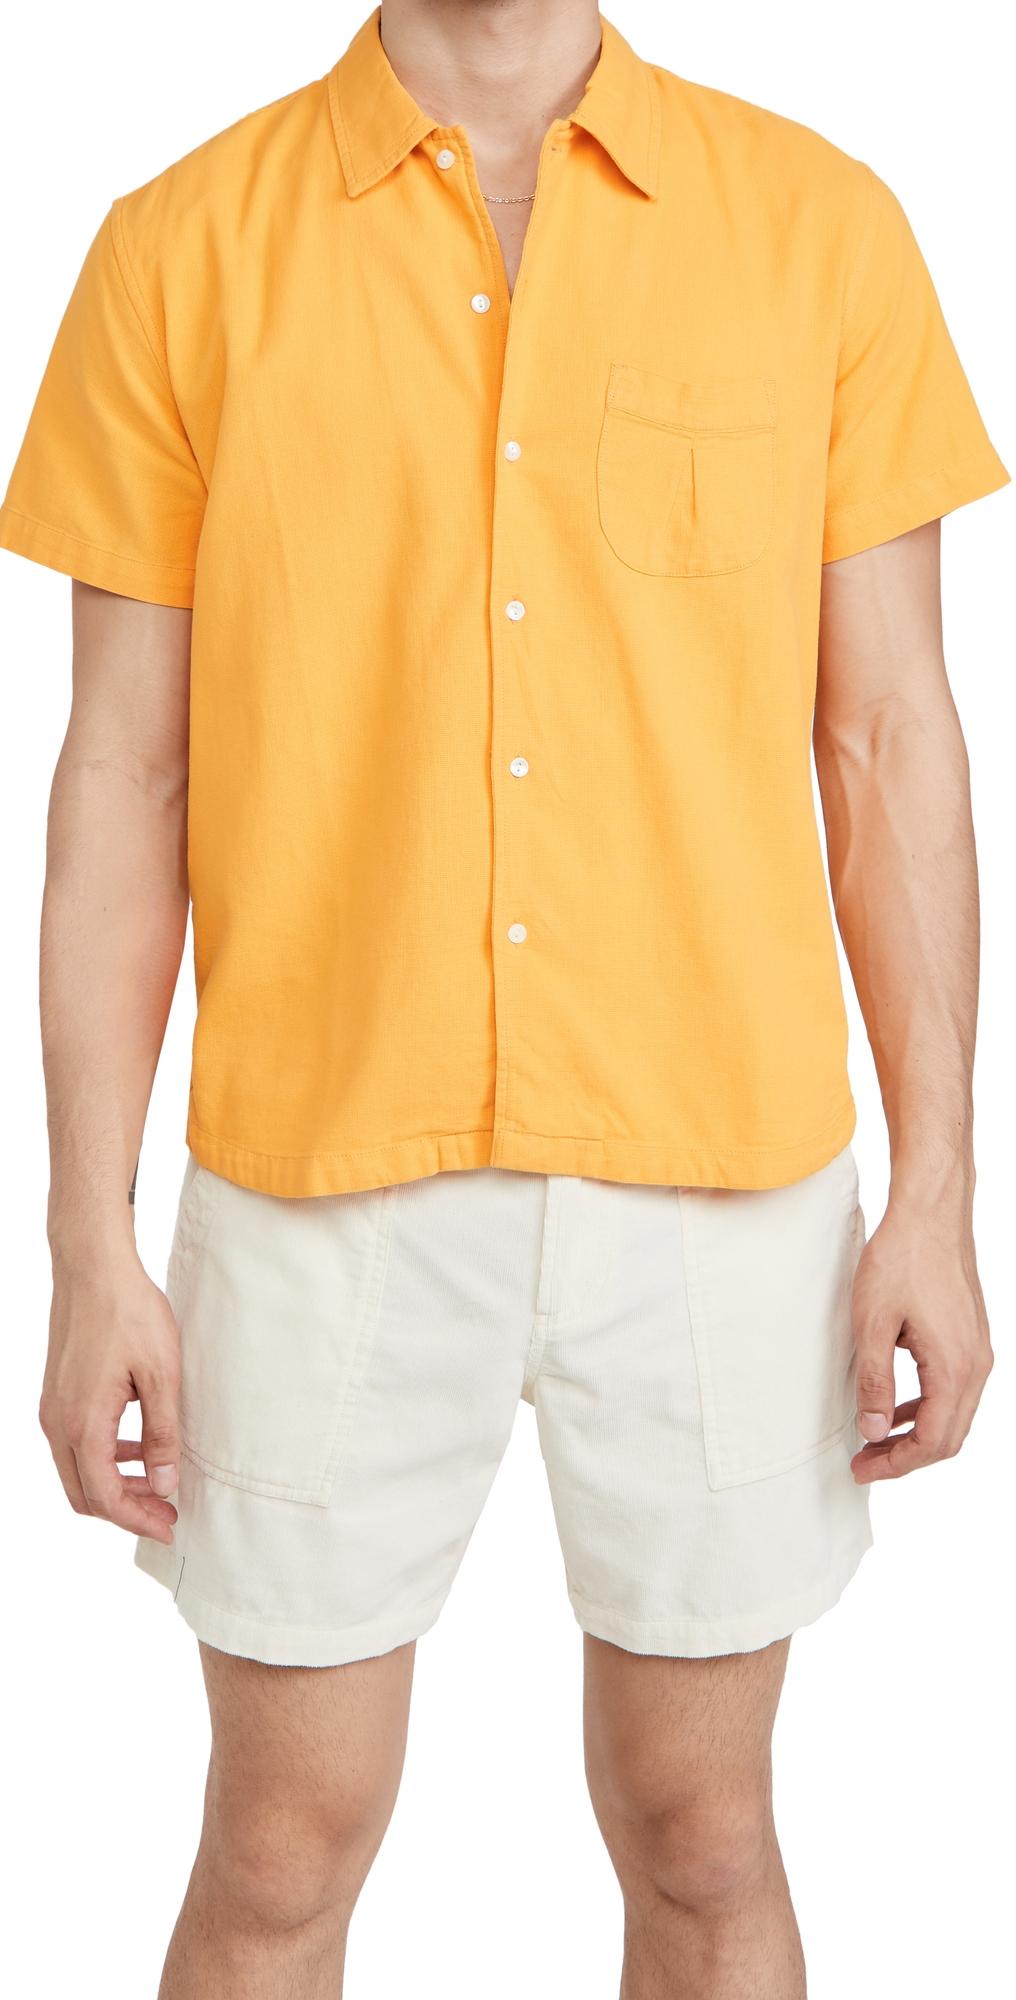 Horseshoe Pocket Shirt